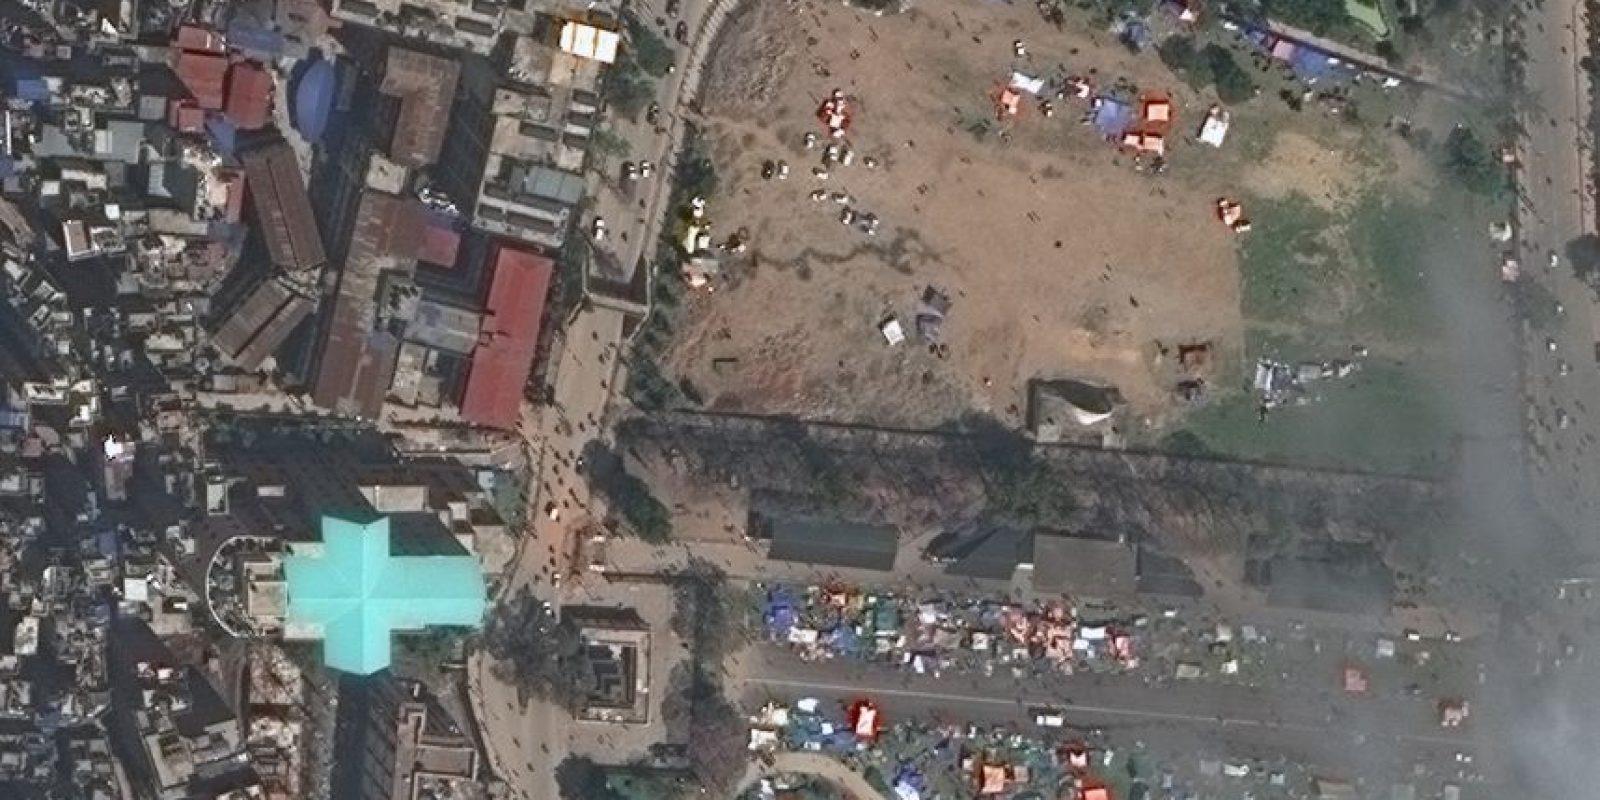 Katmandú, capital de Nepal Foto:Vía DigitalGlobe